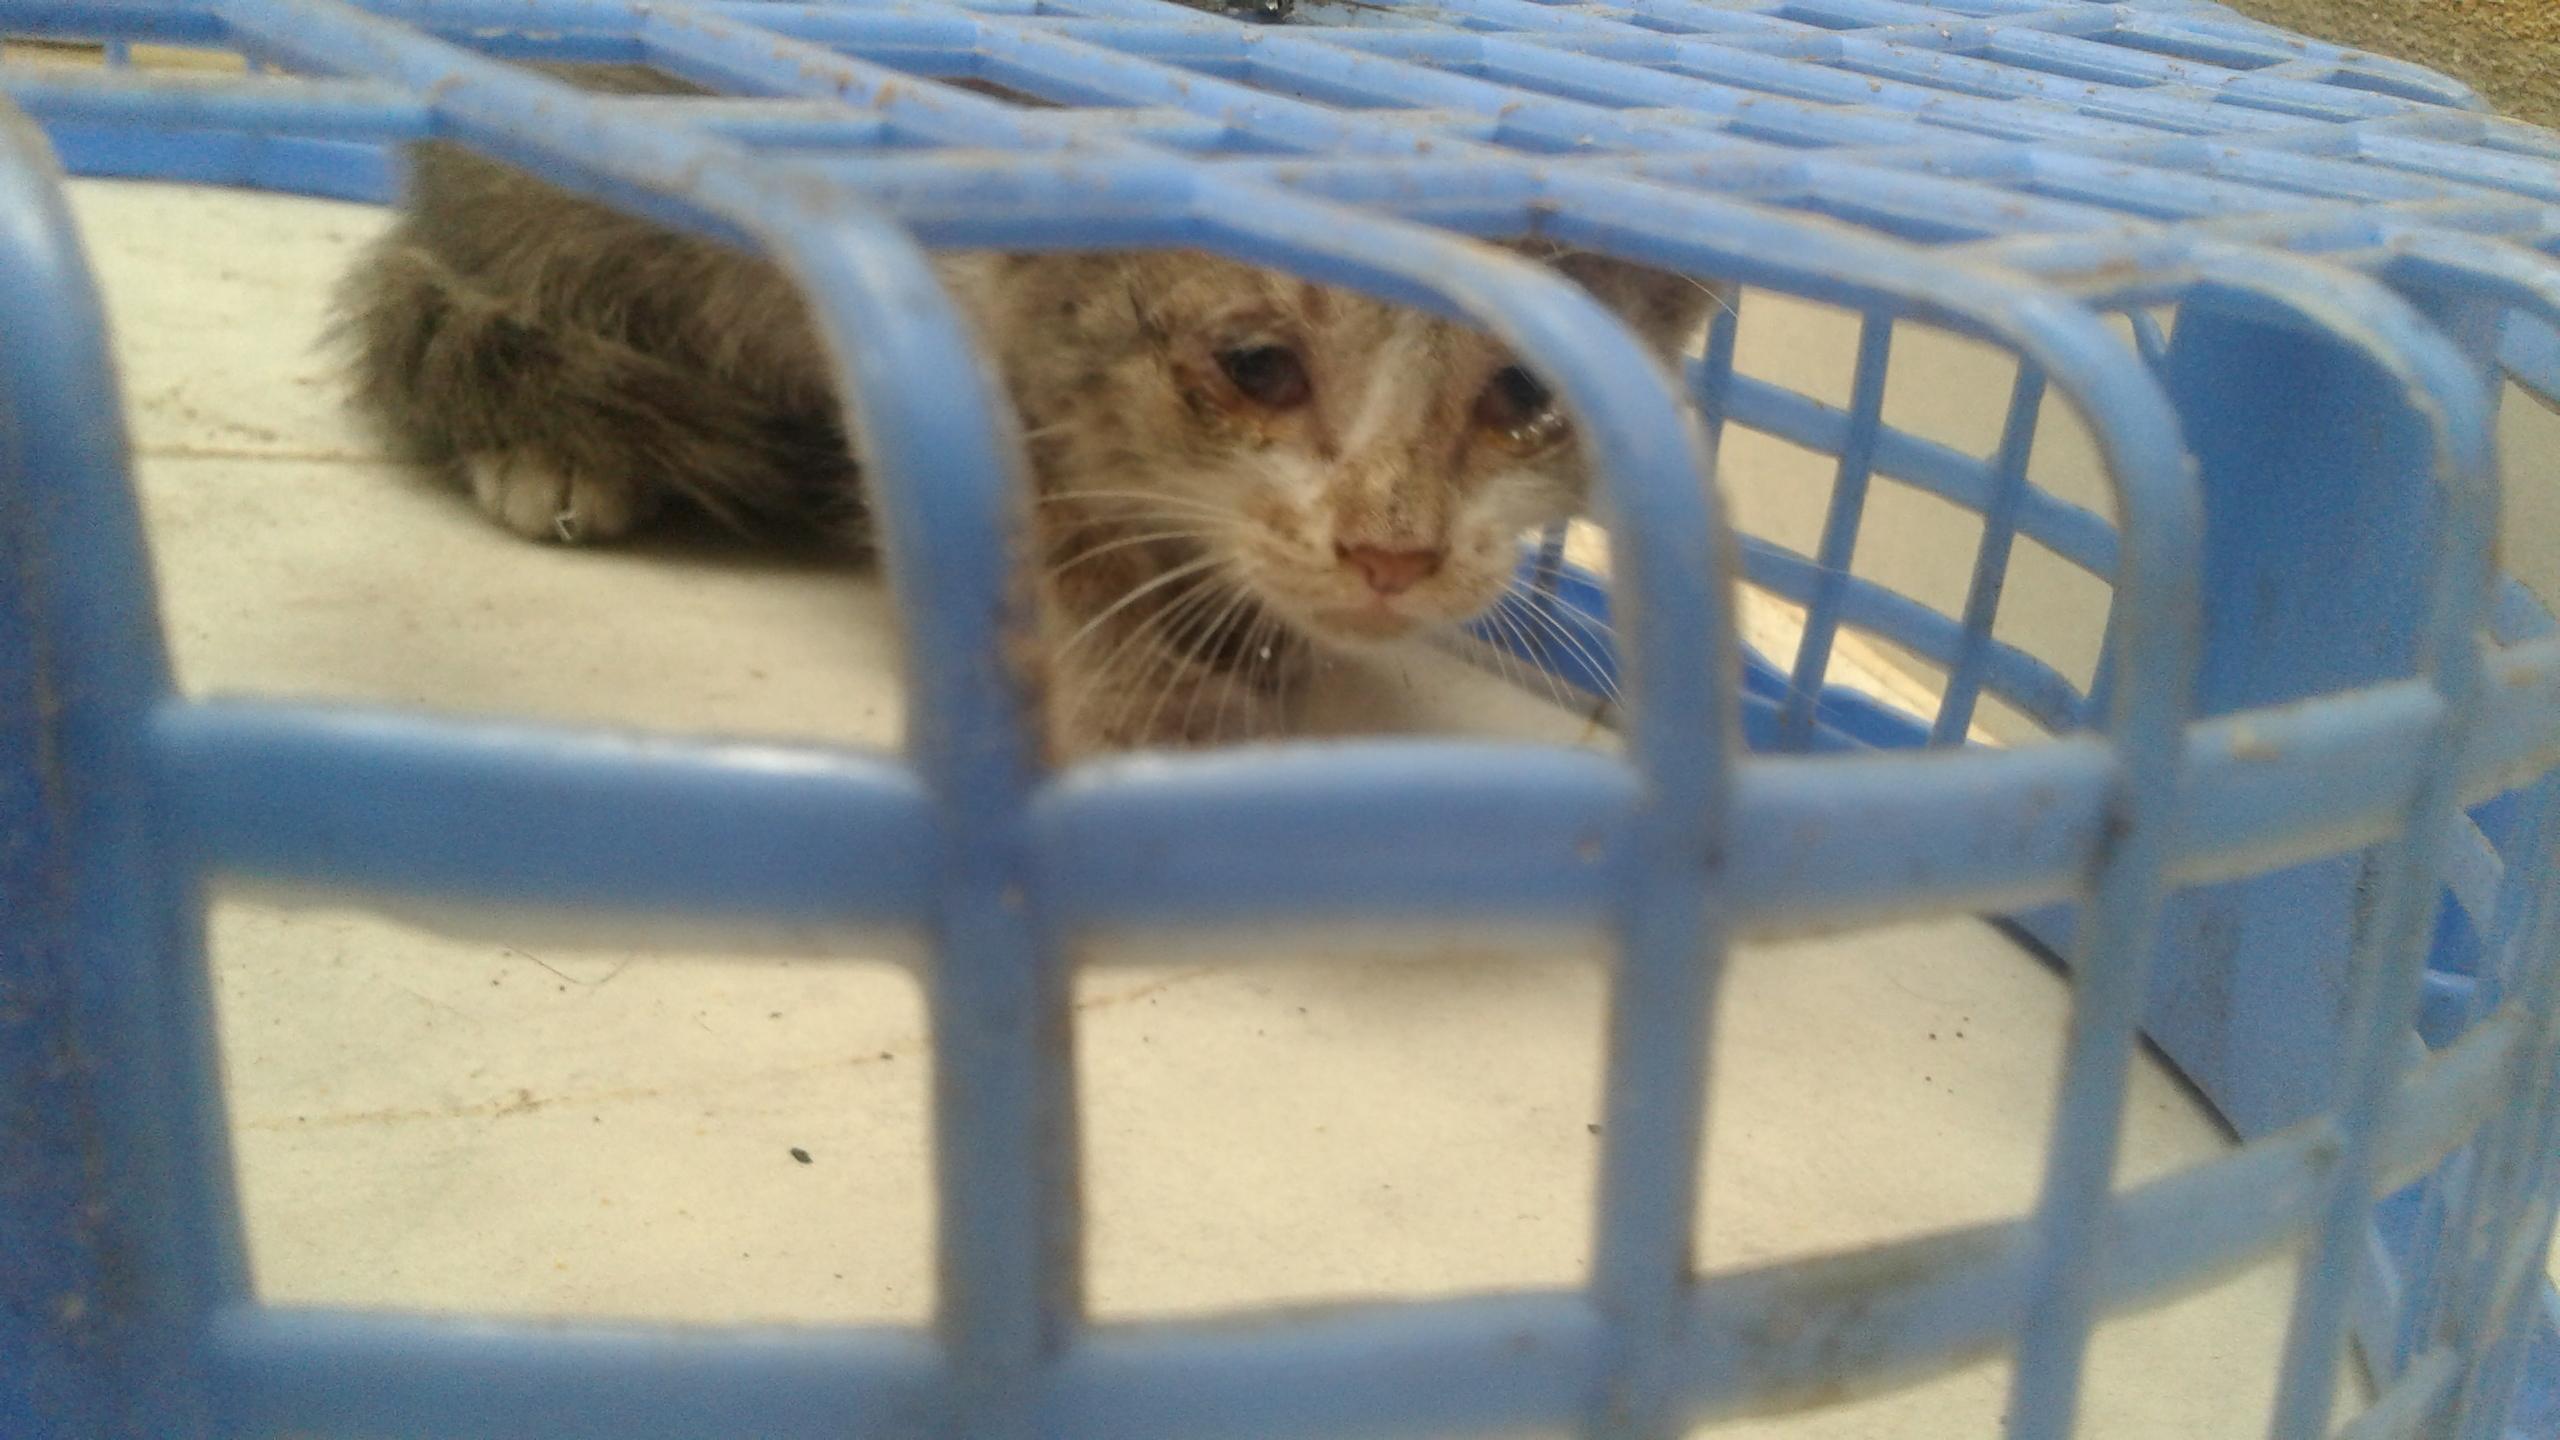 كيف يمكنني مساعدة قطة، عينيها مريضة.